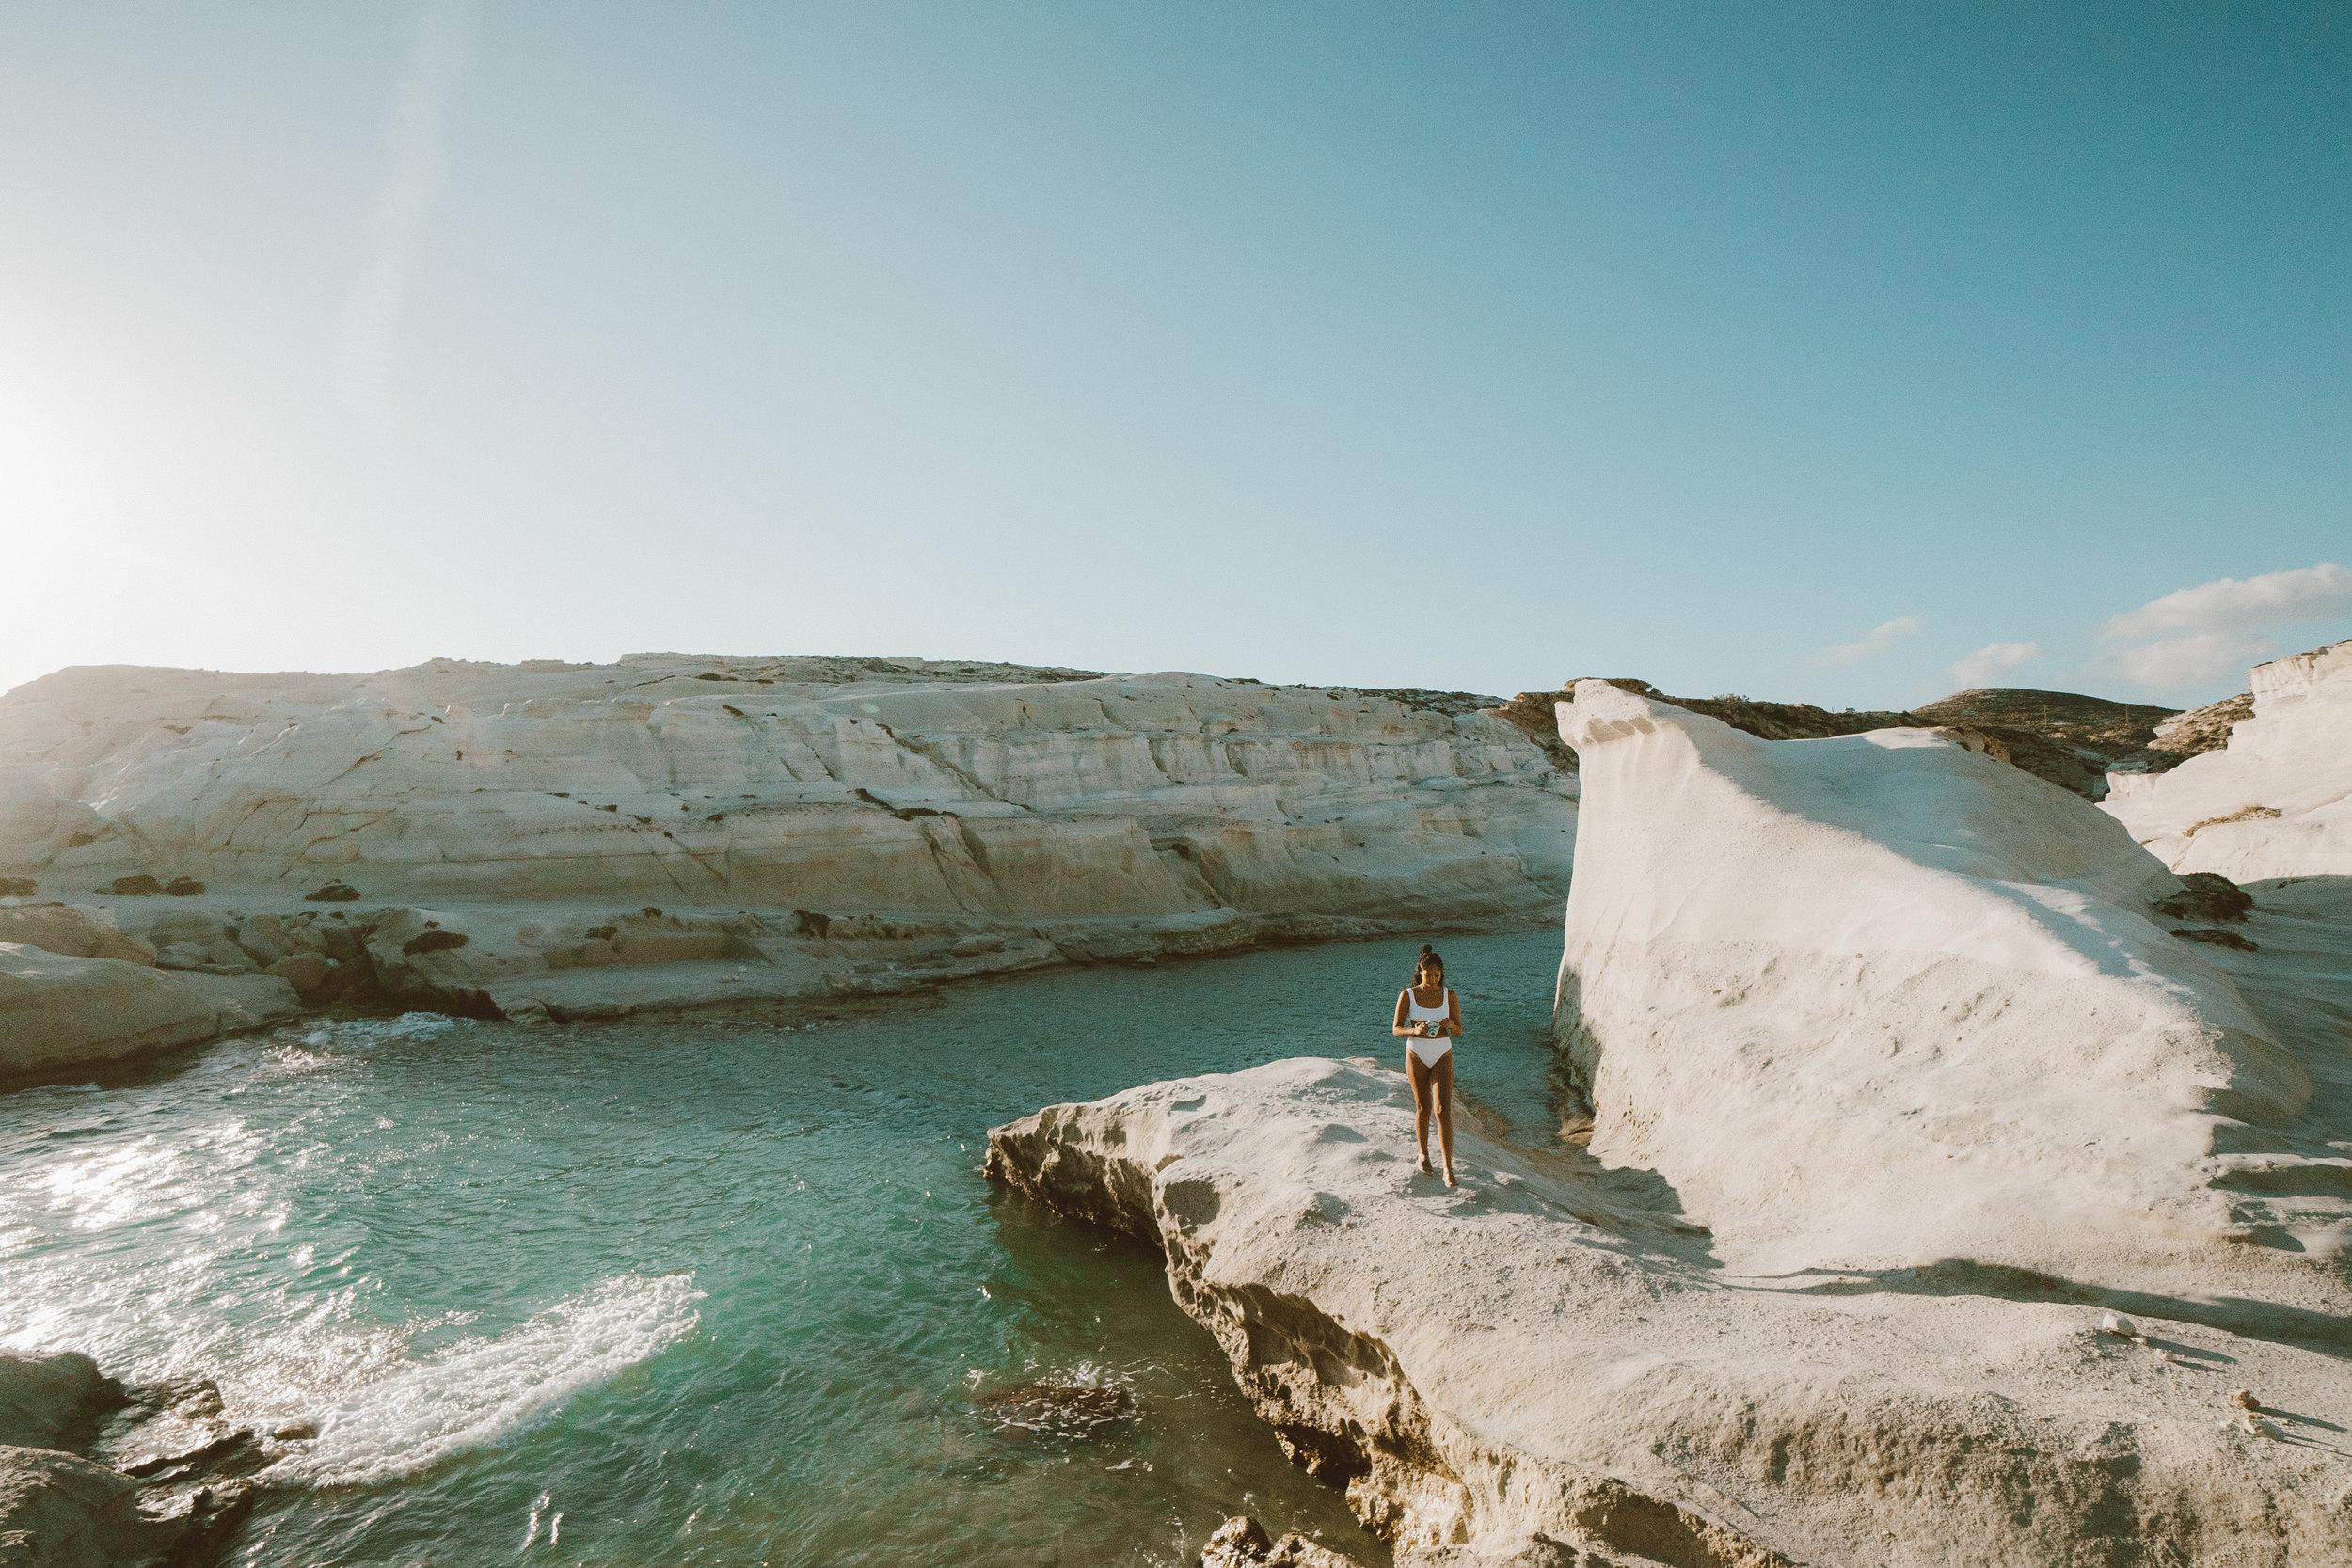 身着白色比基尼的梅尔手持宝丽来相机站在希腊米洛斯萨拉基尼科海滩的海边